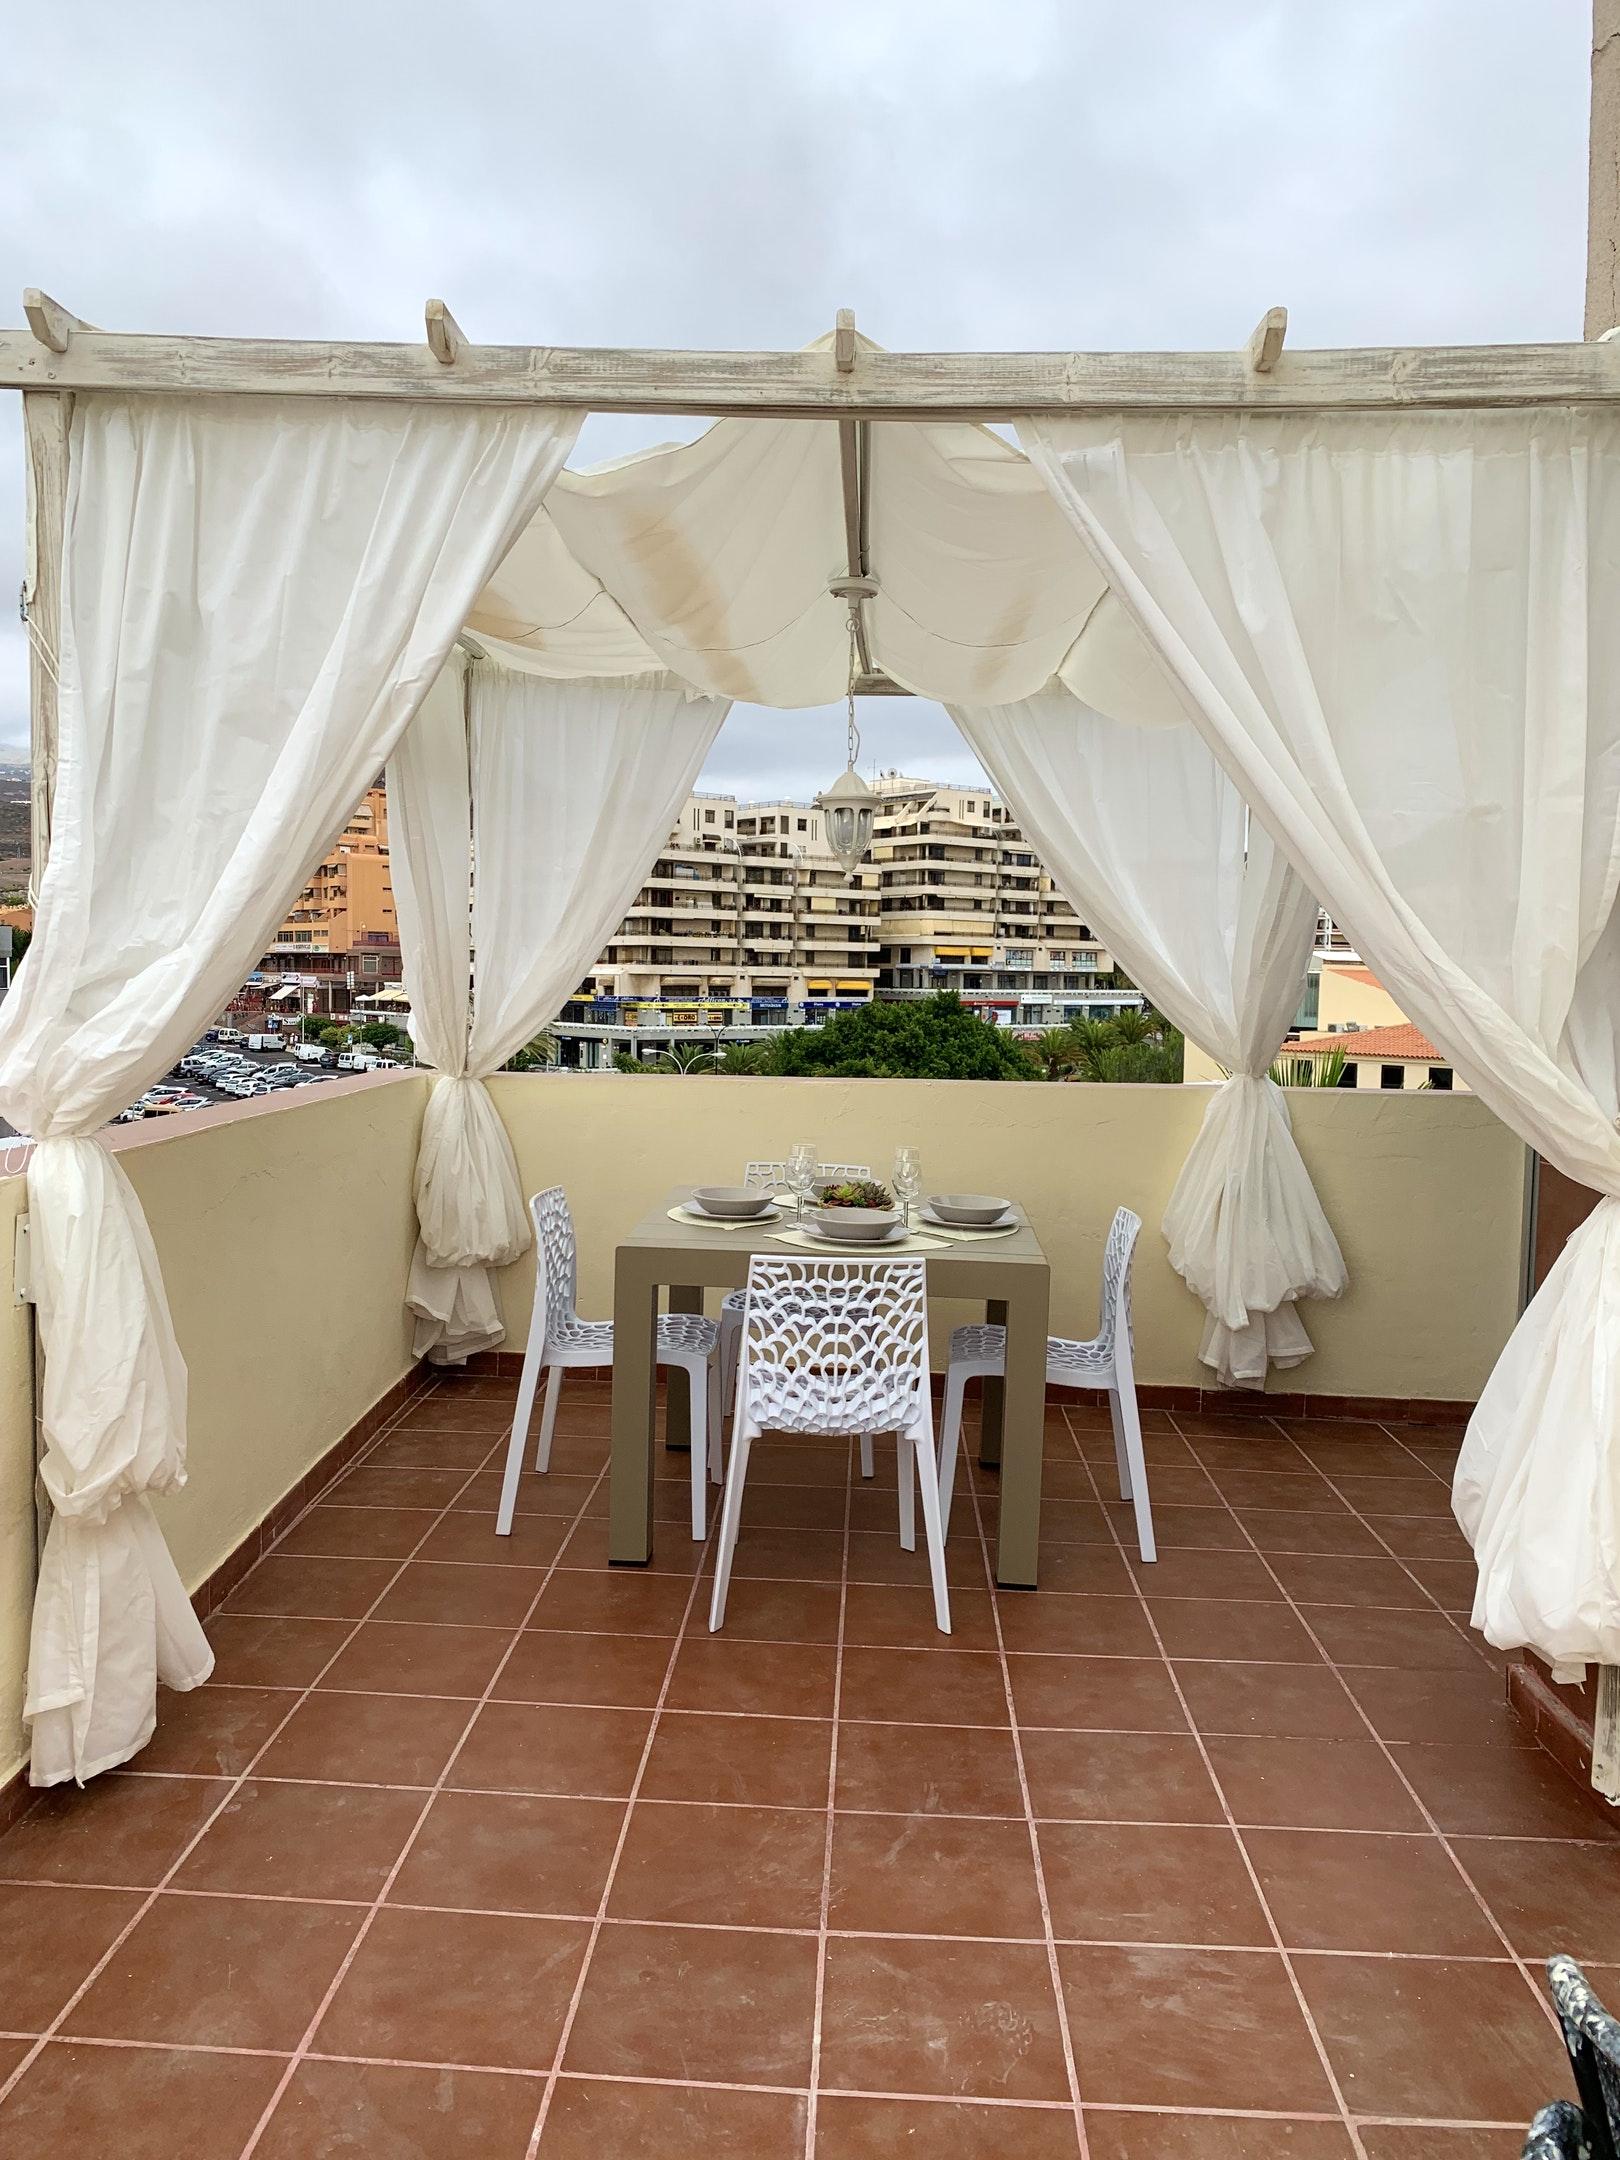 Appartement de vacances Wohnung mit 2 Schlafzimmern in Los Cristianos mit toller Aussicht auf die Berge, eingezäun (2202481), Los Cristianos, Ténérife, Iles Canaries, Espagne, image 7